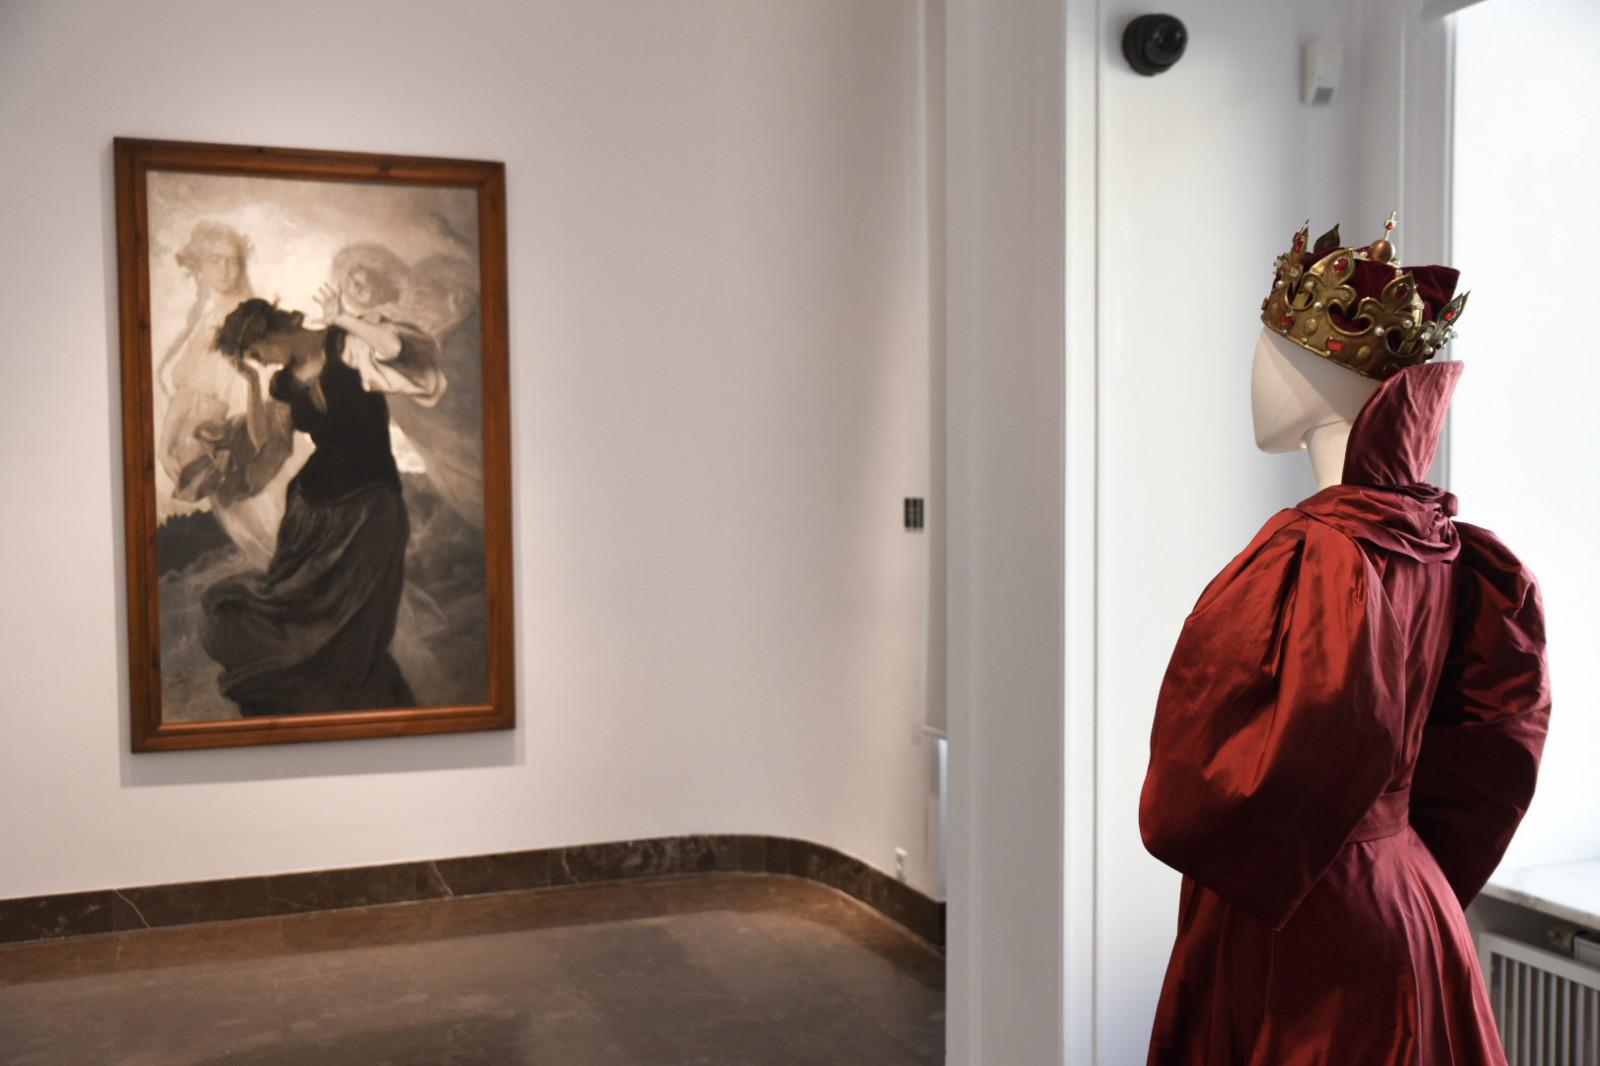 Manekin, ubrany w strój królowej, stoi na przeciwko obrazu rozchwianej kobiety.